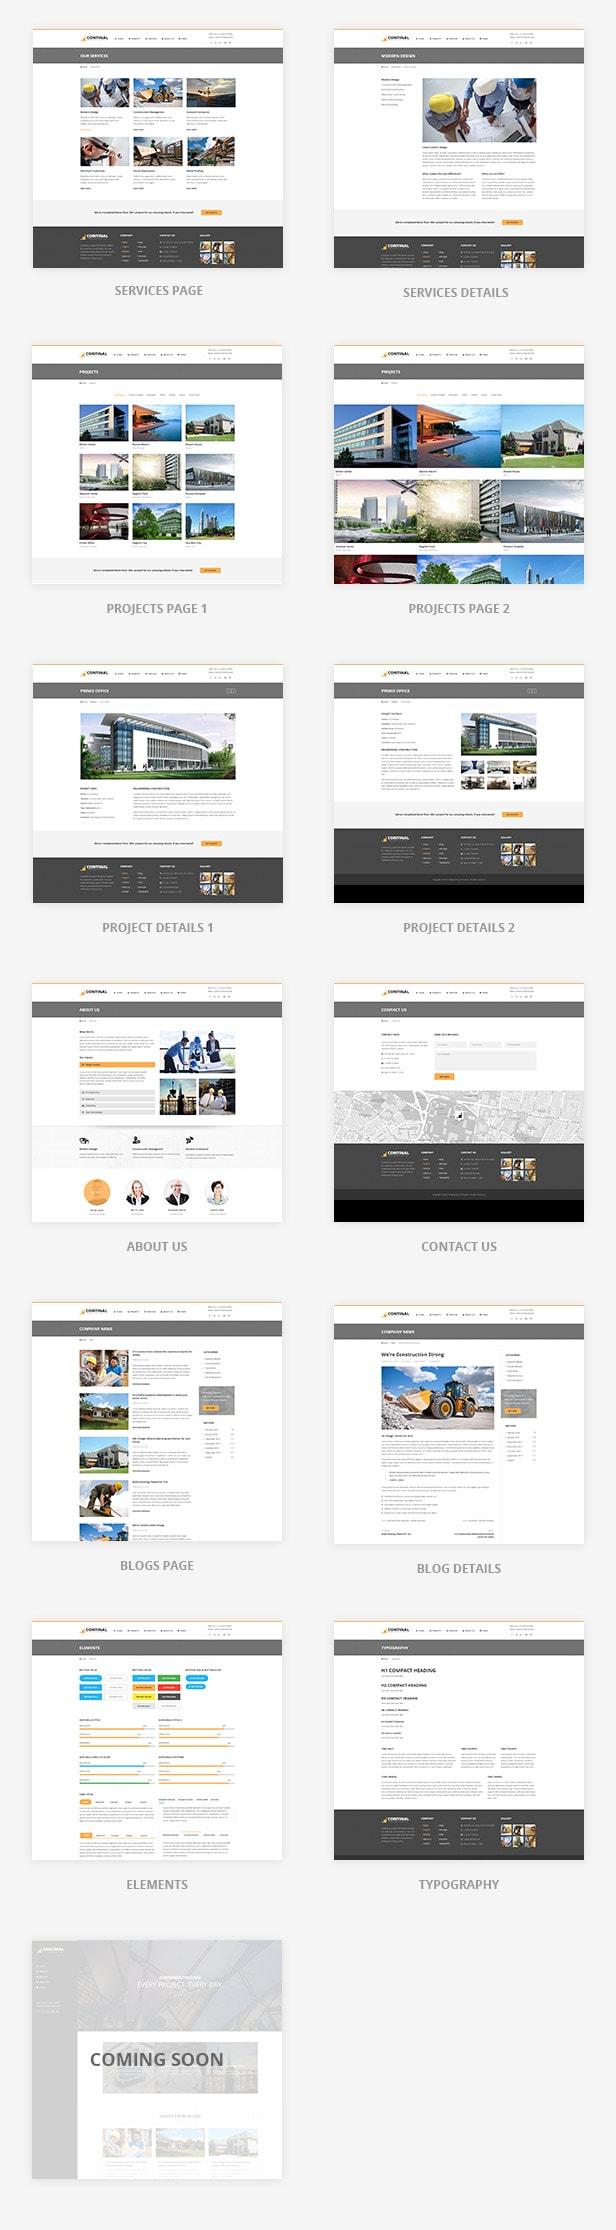 Continal - Plantilla HTML5 para la industria de la construcción 3